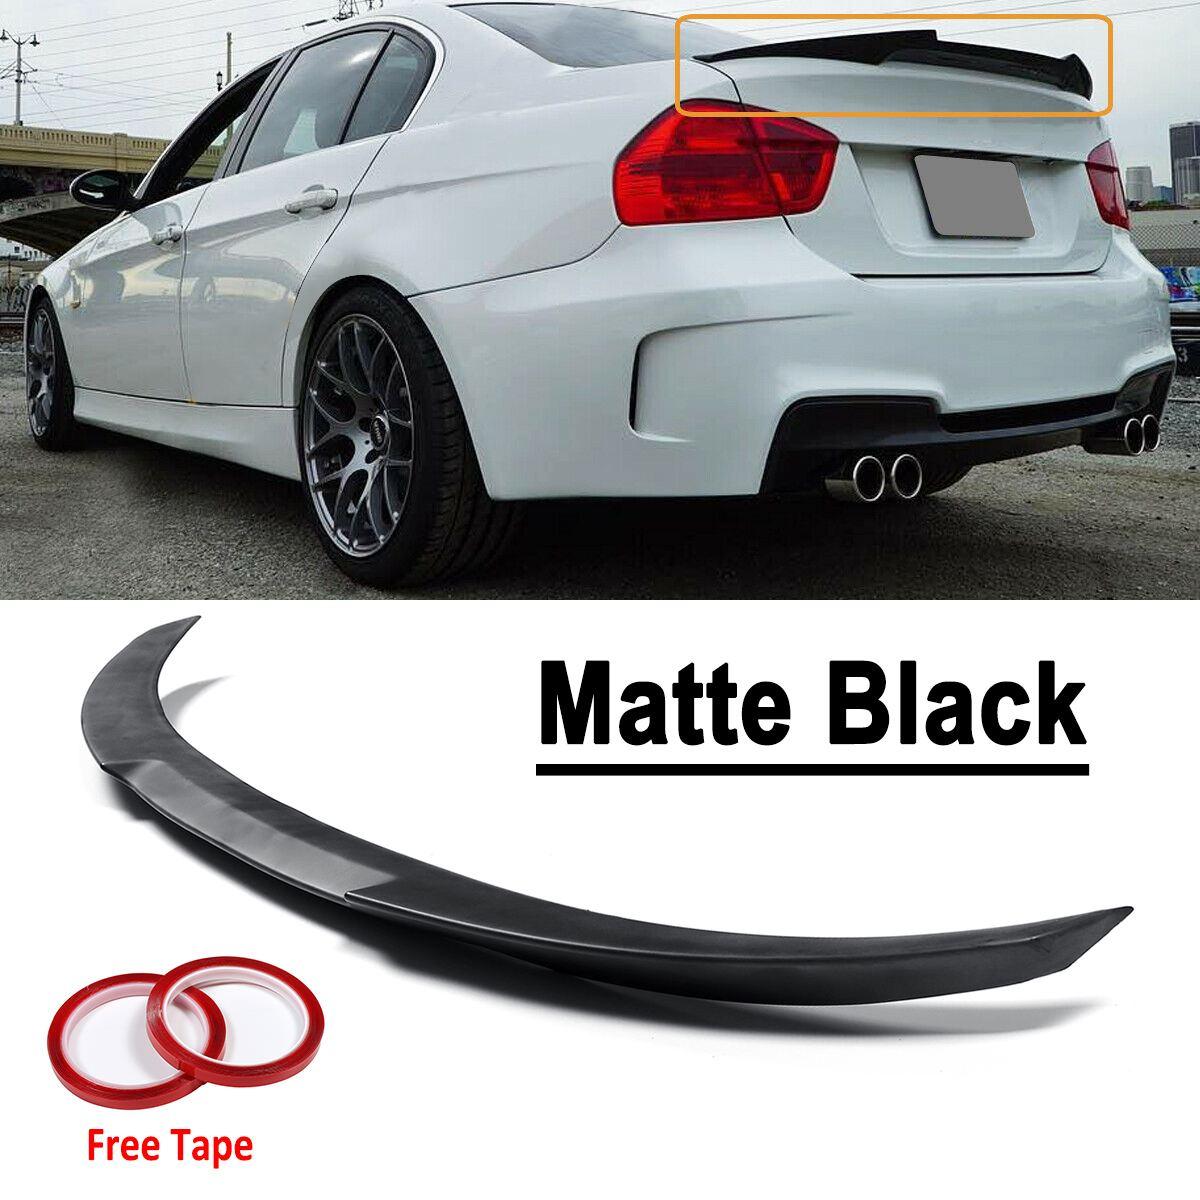 Матовый черный ABS багажник спойлер крыло M4-Style для BMW 2006-2011 E90 3 серии 4 Двери Седан для BMW 2008-12 M3 седан